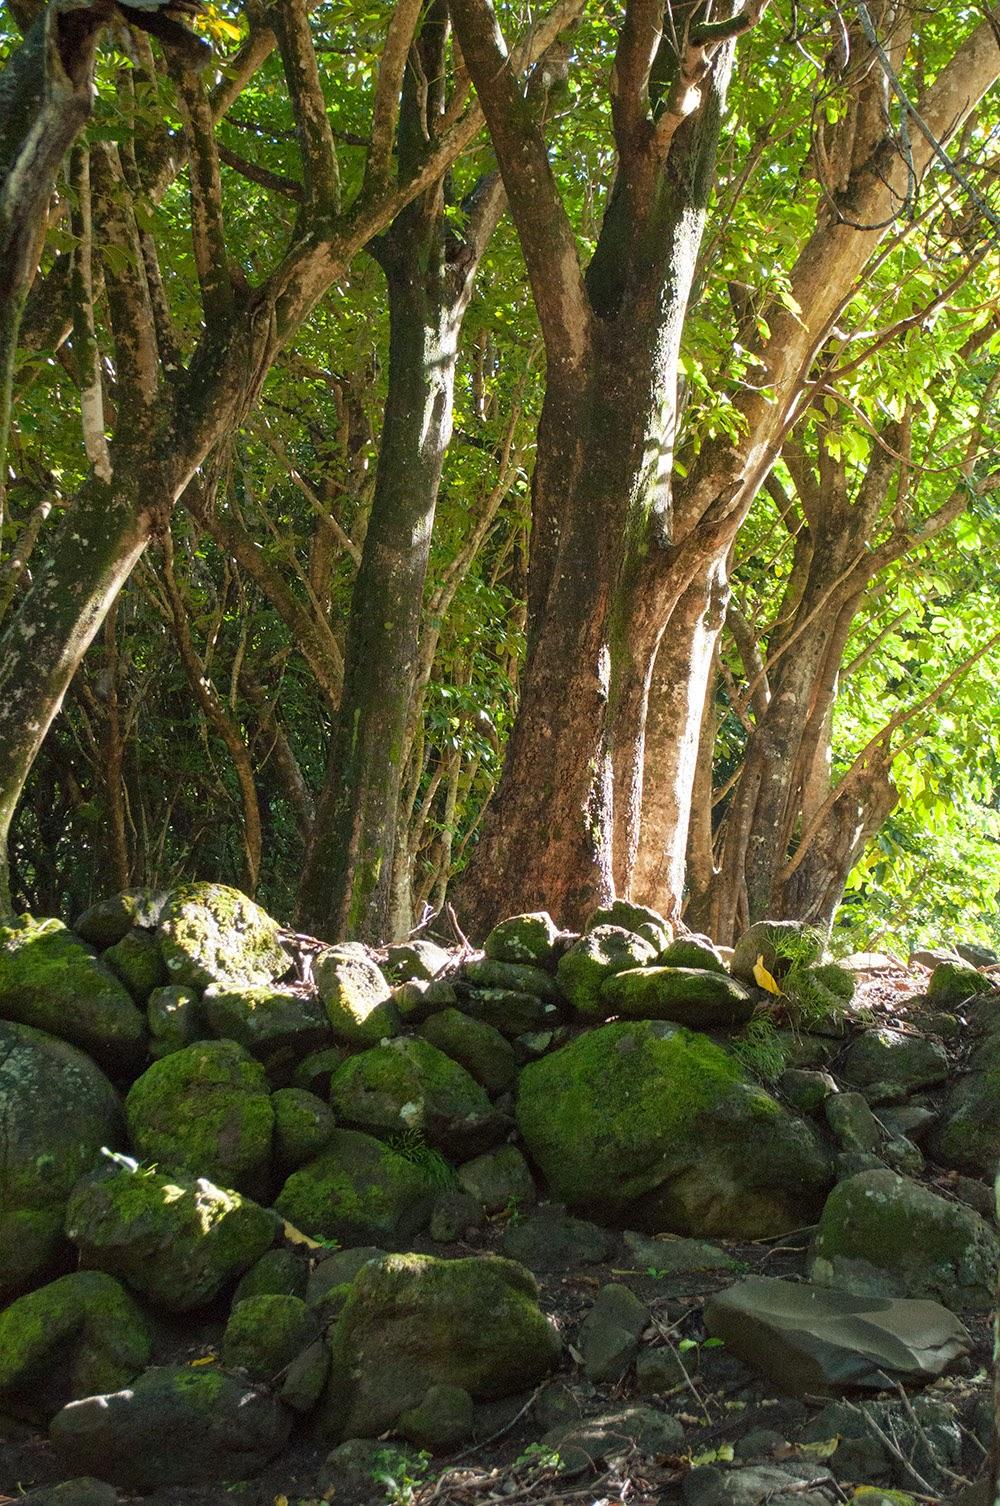 Joyful Rebellion: Kauai 2014: Limahuli Garden (day 12 part 2)